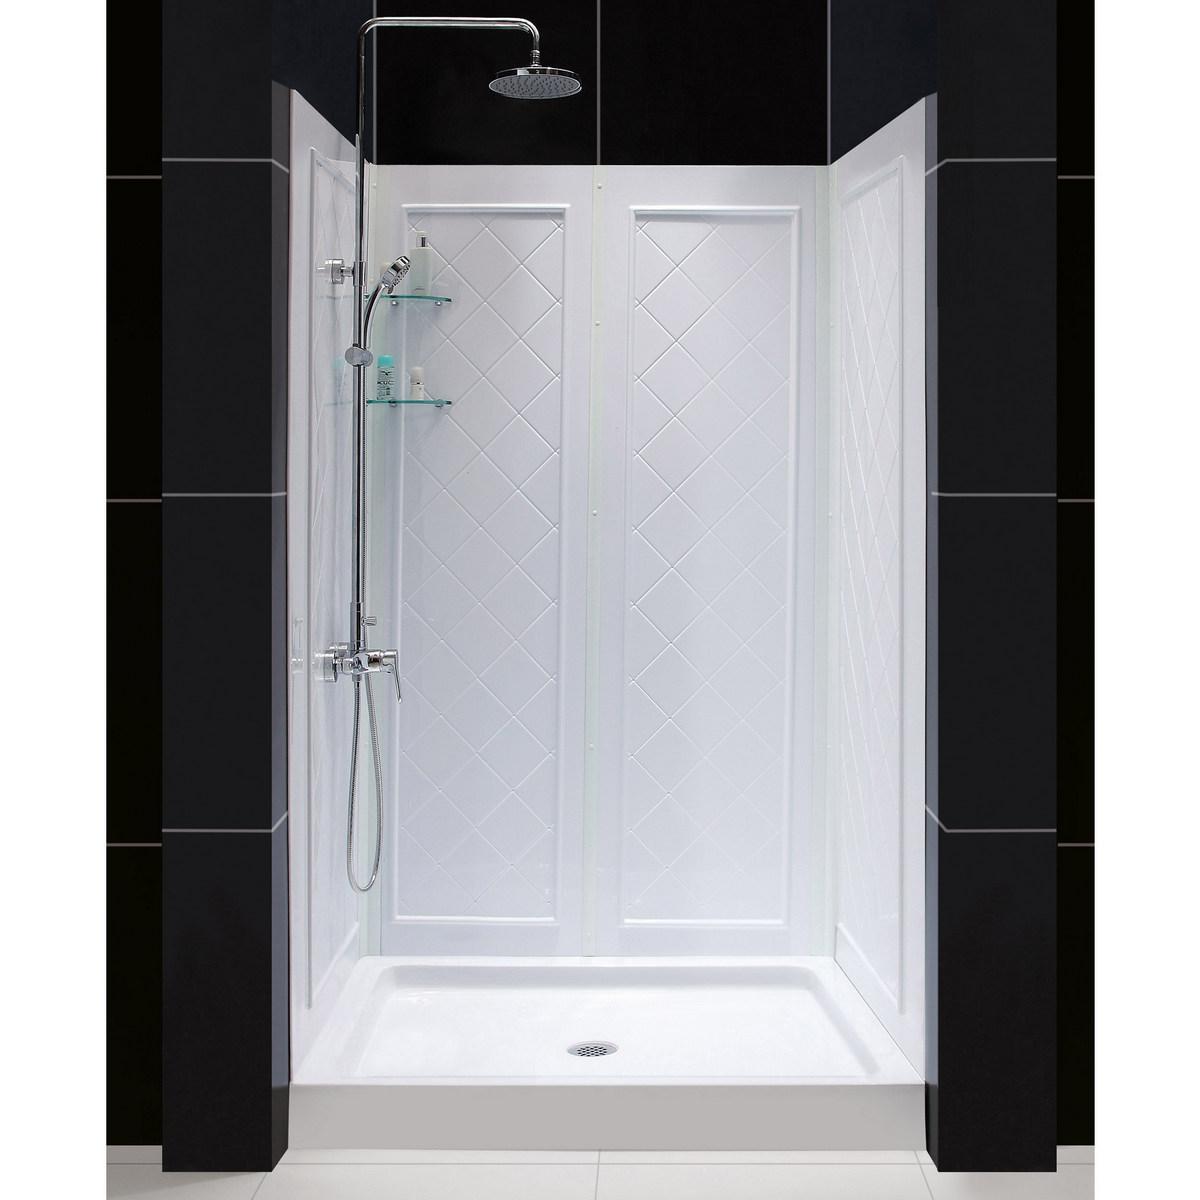 Dreamline Center Drain Acrylic Shower Base Qwall Backwall Kit White